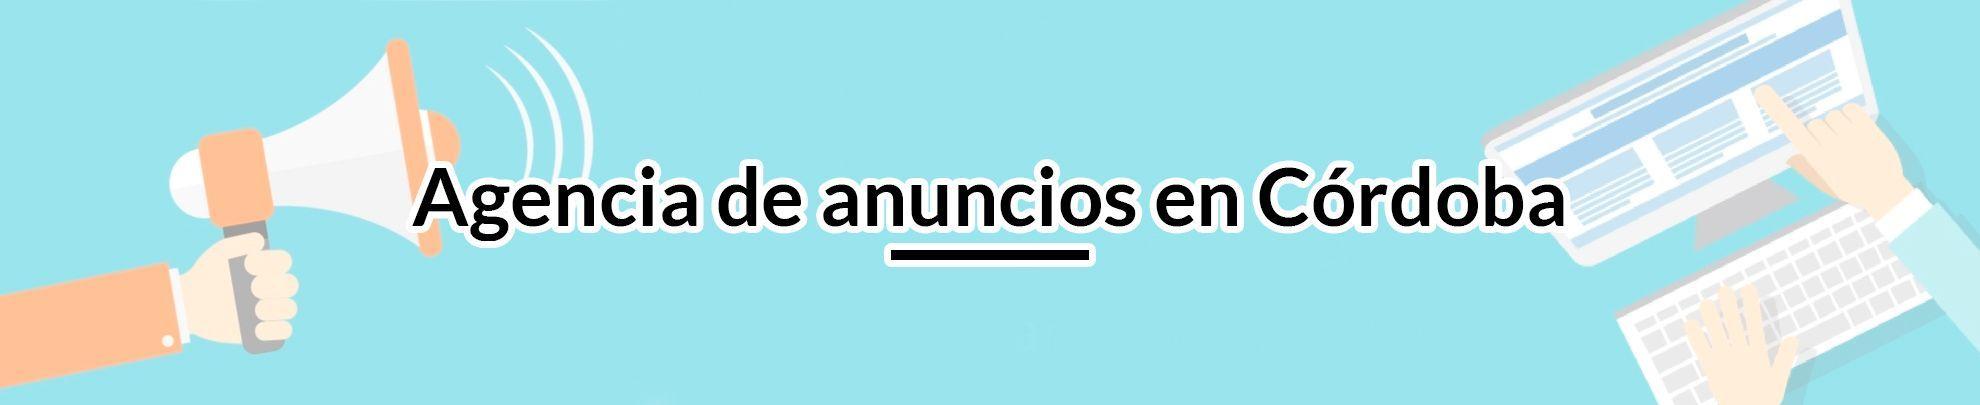 Agencia de anuncios en Córdoba agencia-de-anuncios-en-cordoba